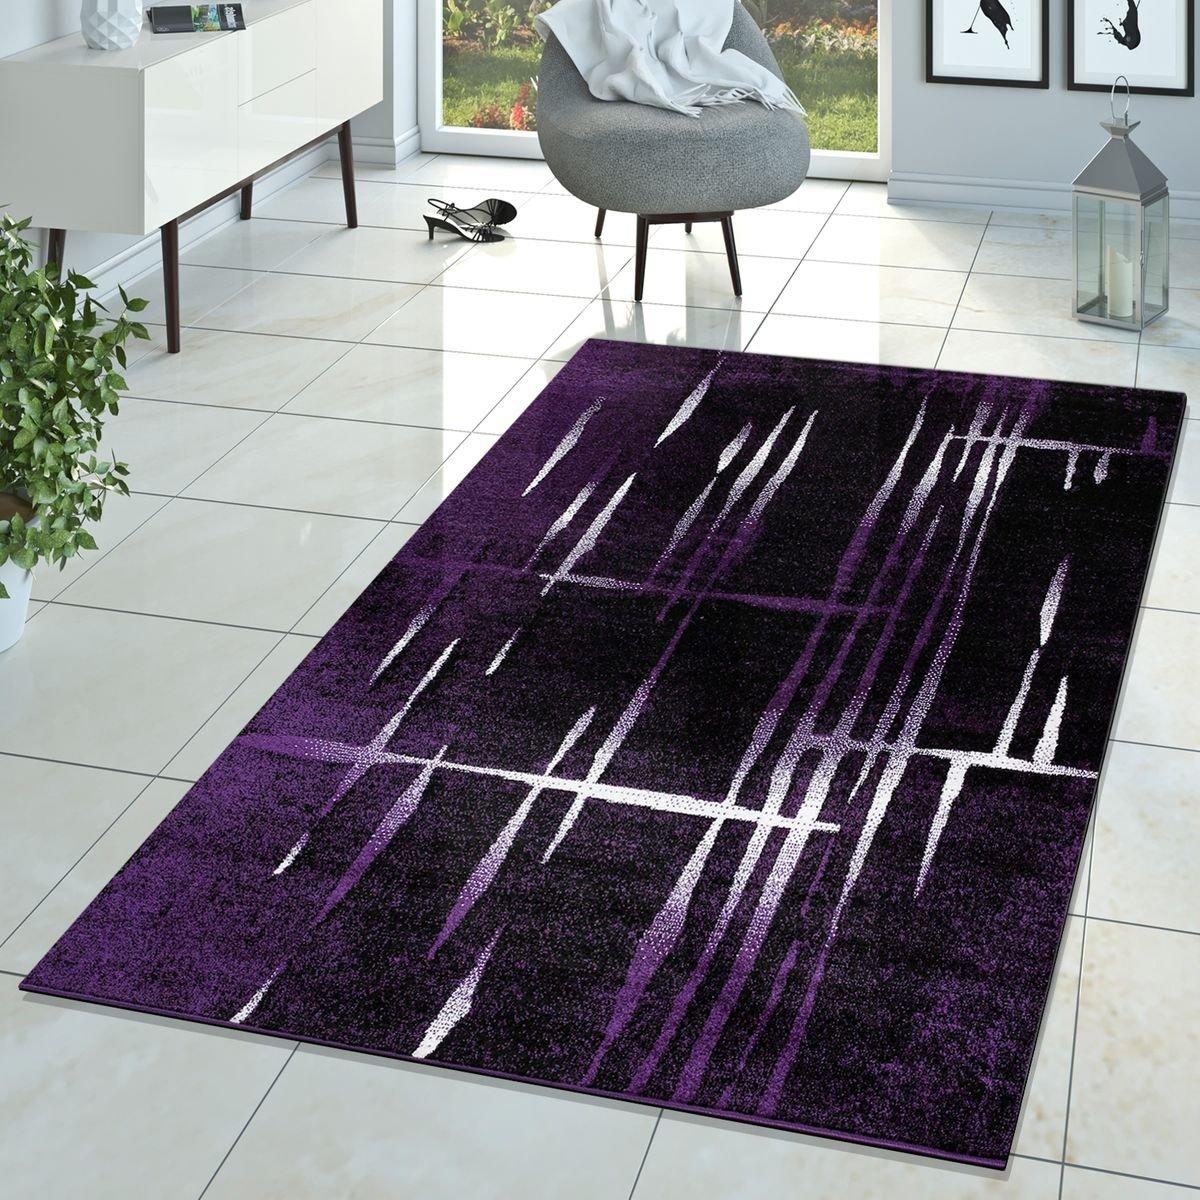 Moderner Wohnzimmer Teppich Matrix Design Kurzflor Meliert Lila Schwarz Creme, Größe:200x280 cm